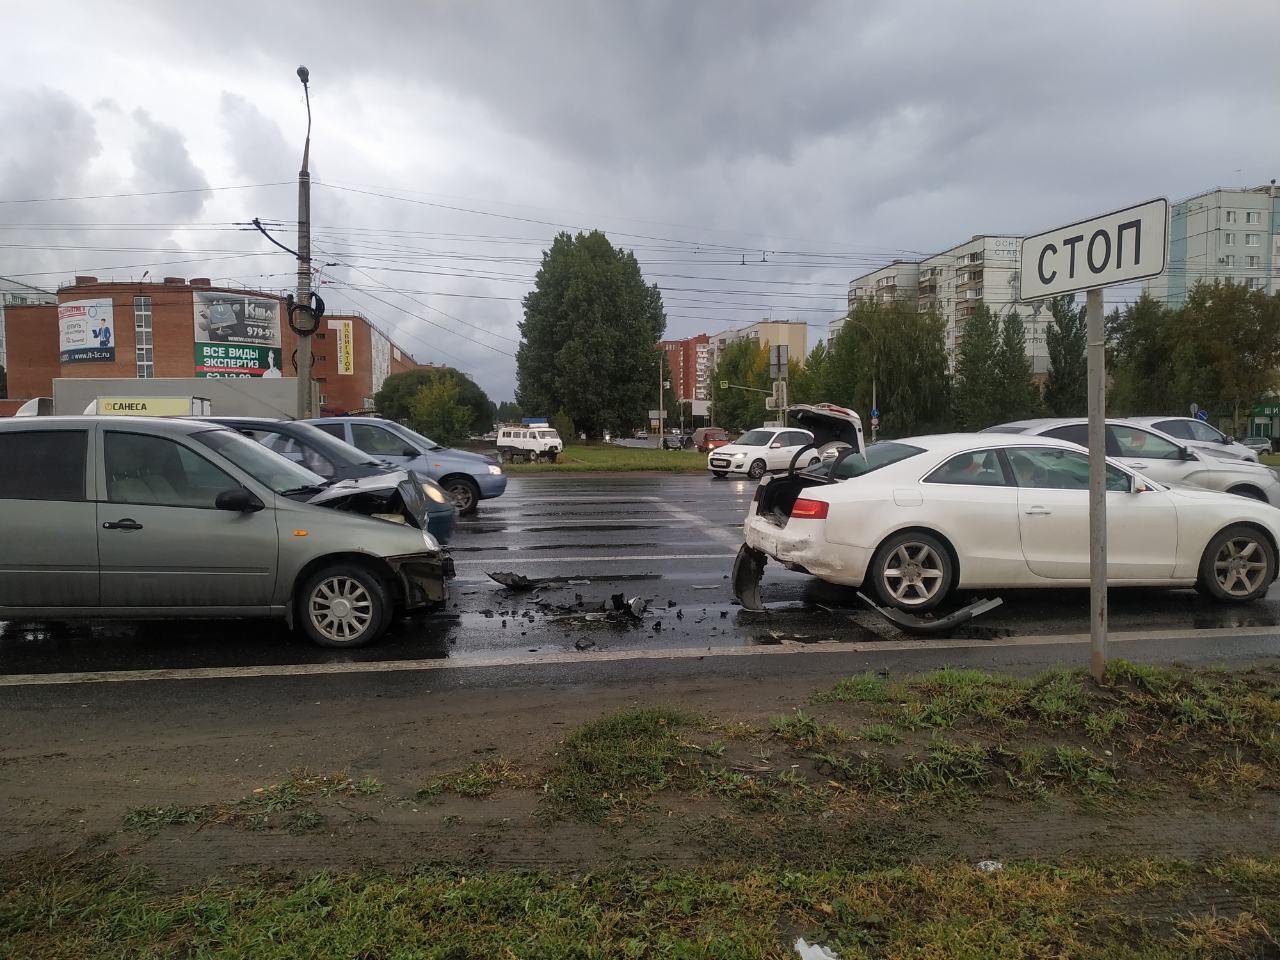 Трехлетний ребенок пострадал в аварии в Тольятти